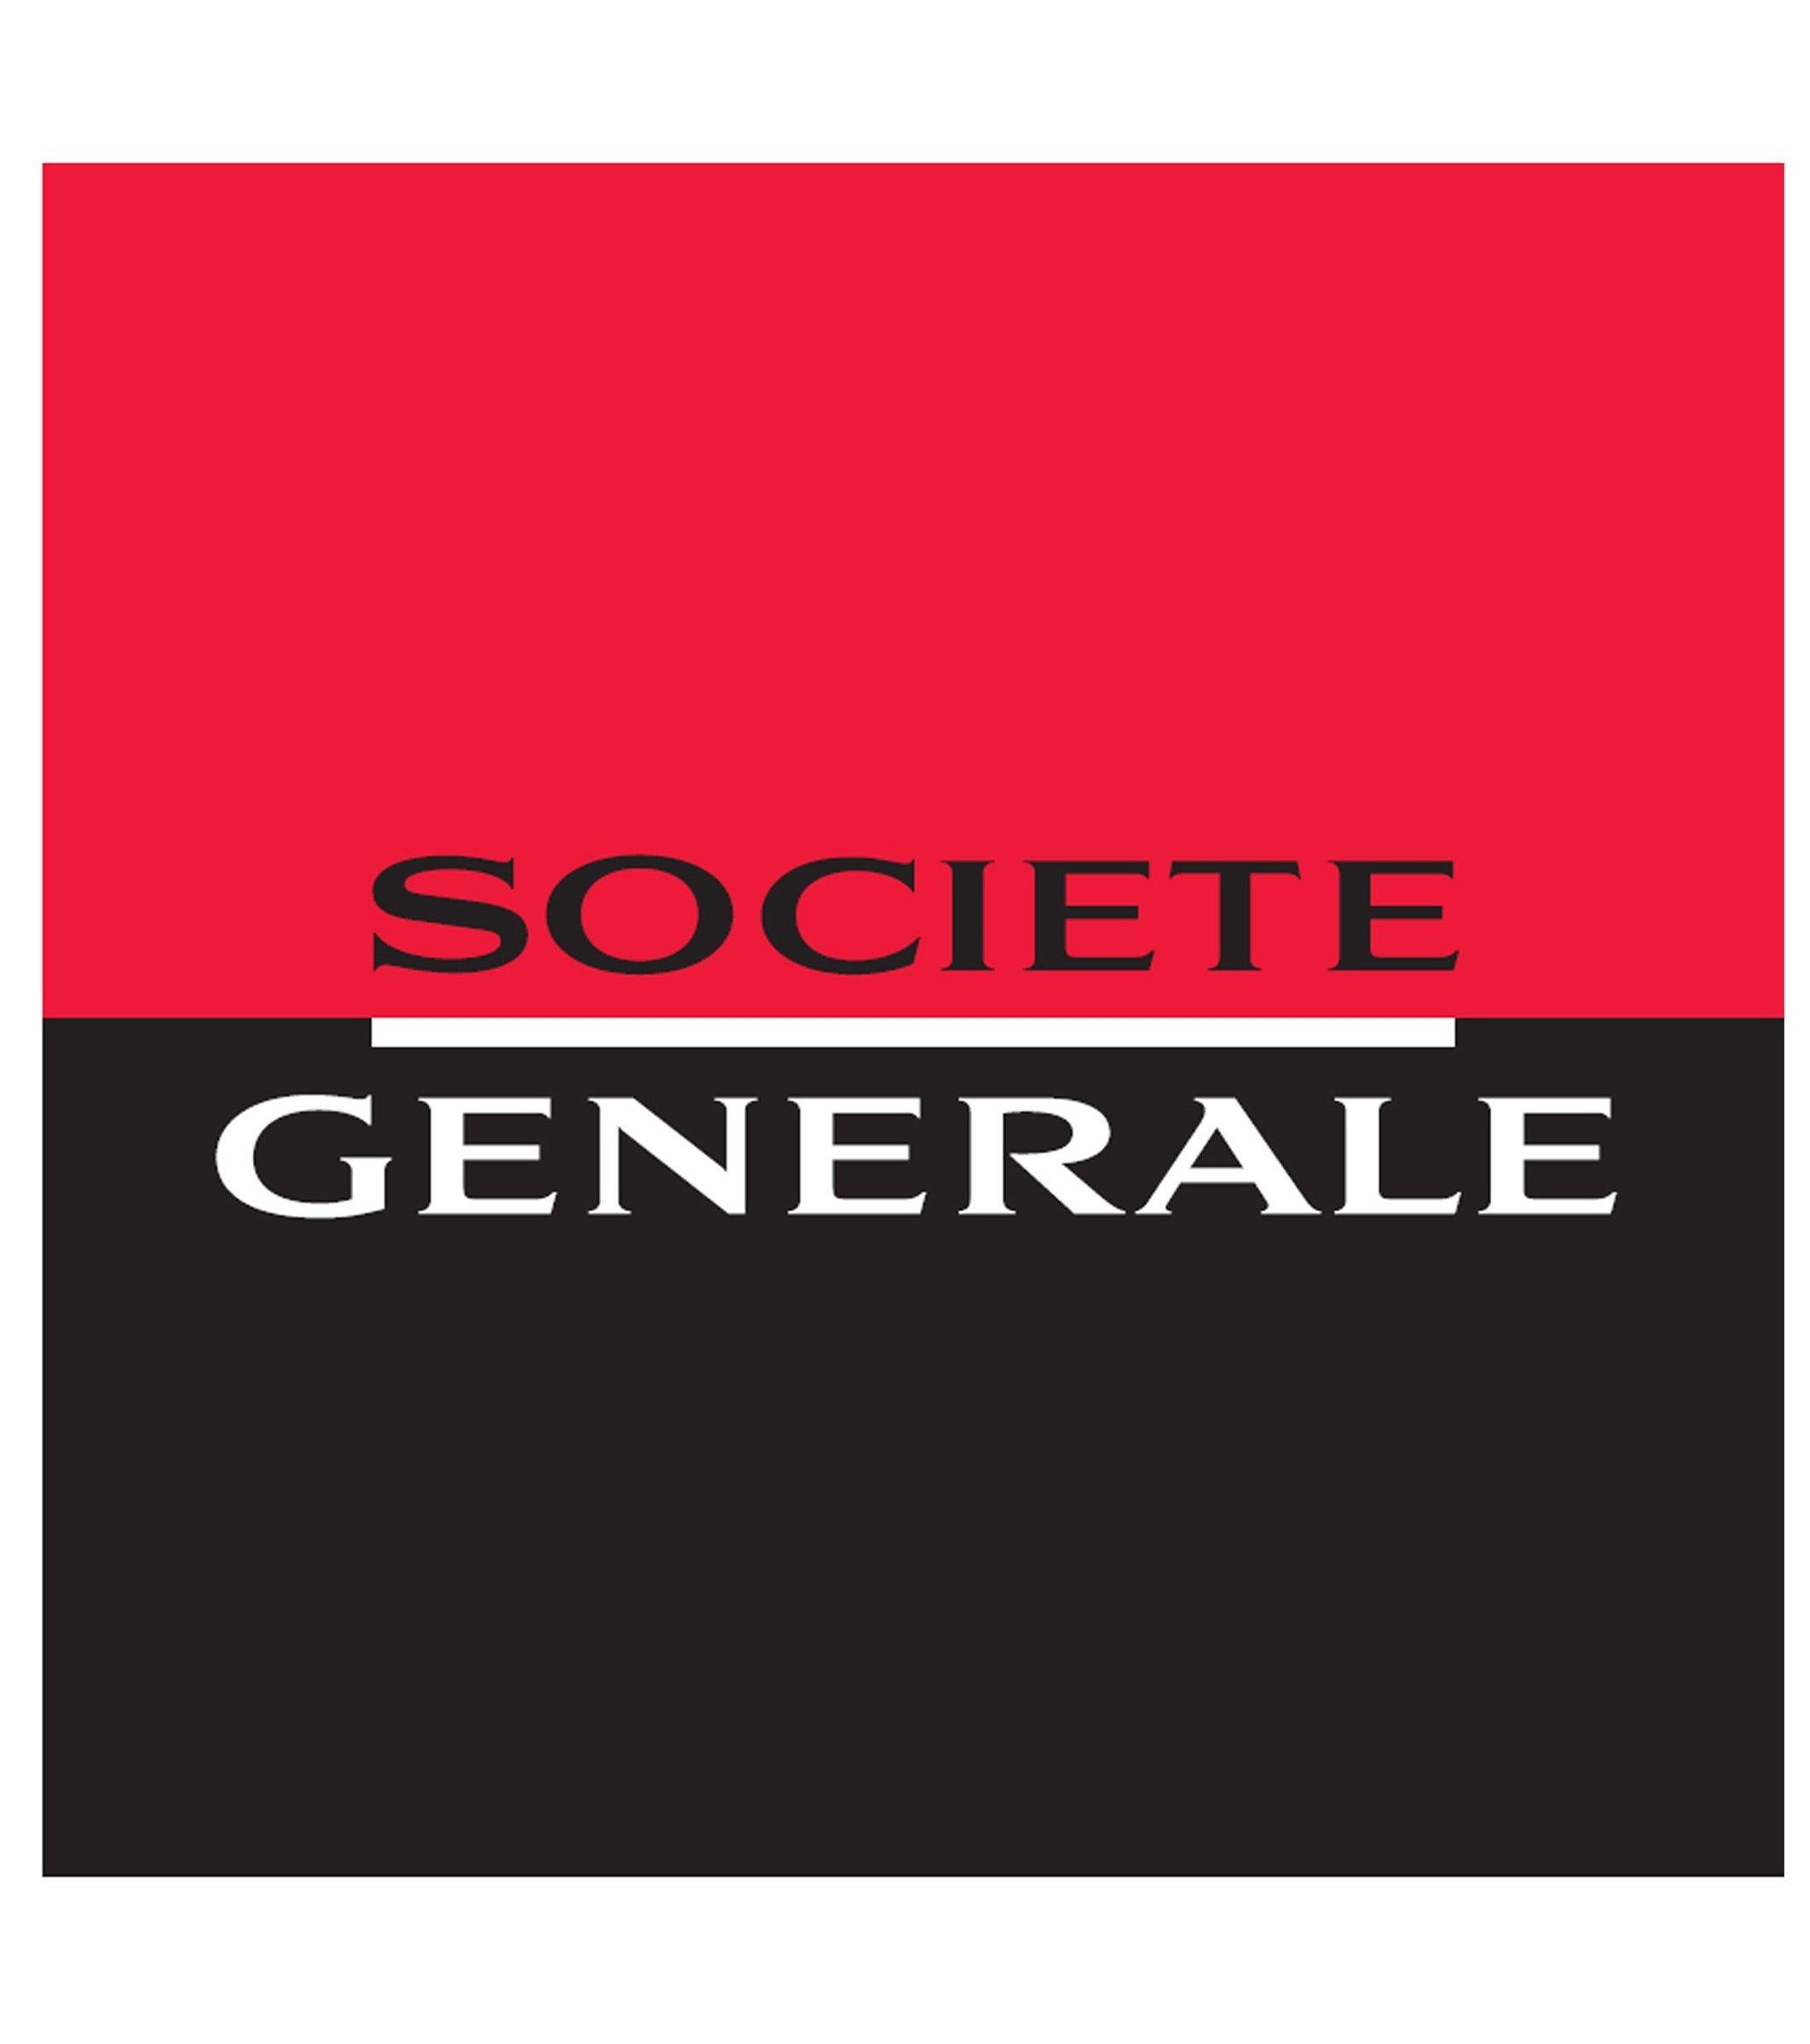 logo-societe-generale_114148_wide